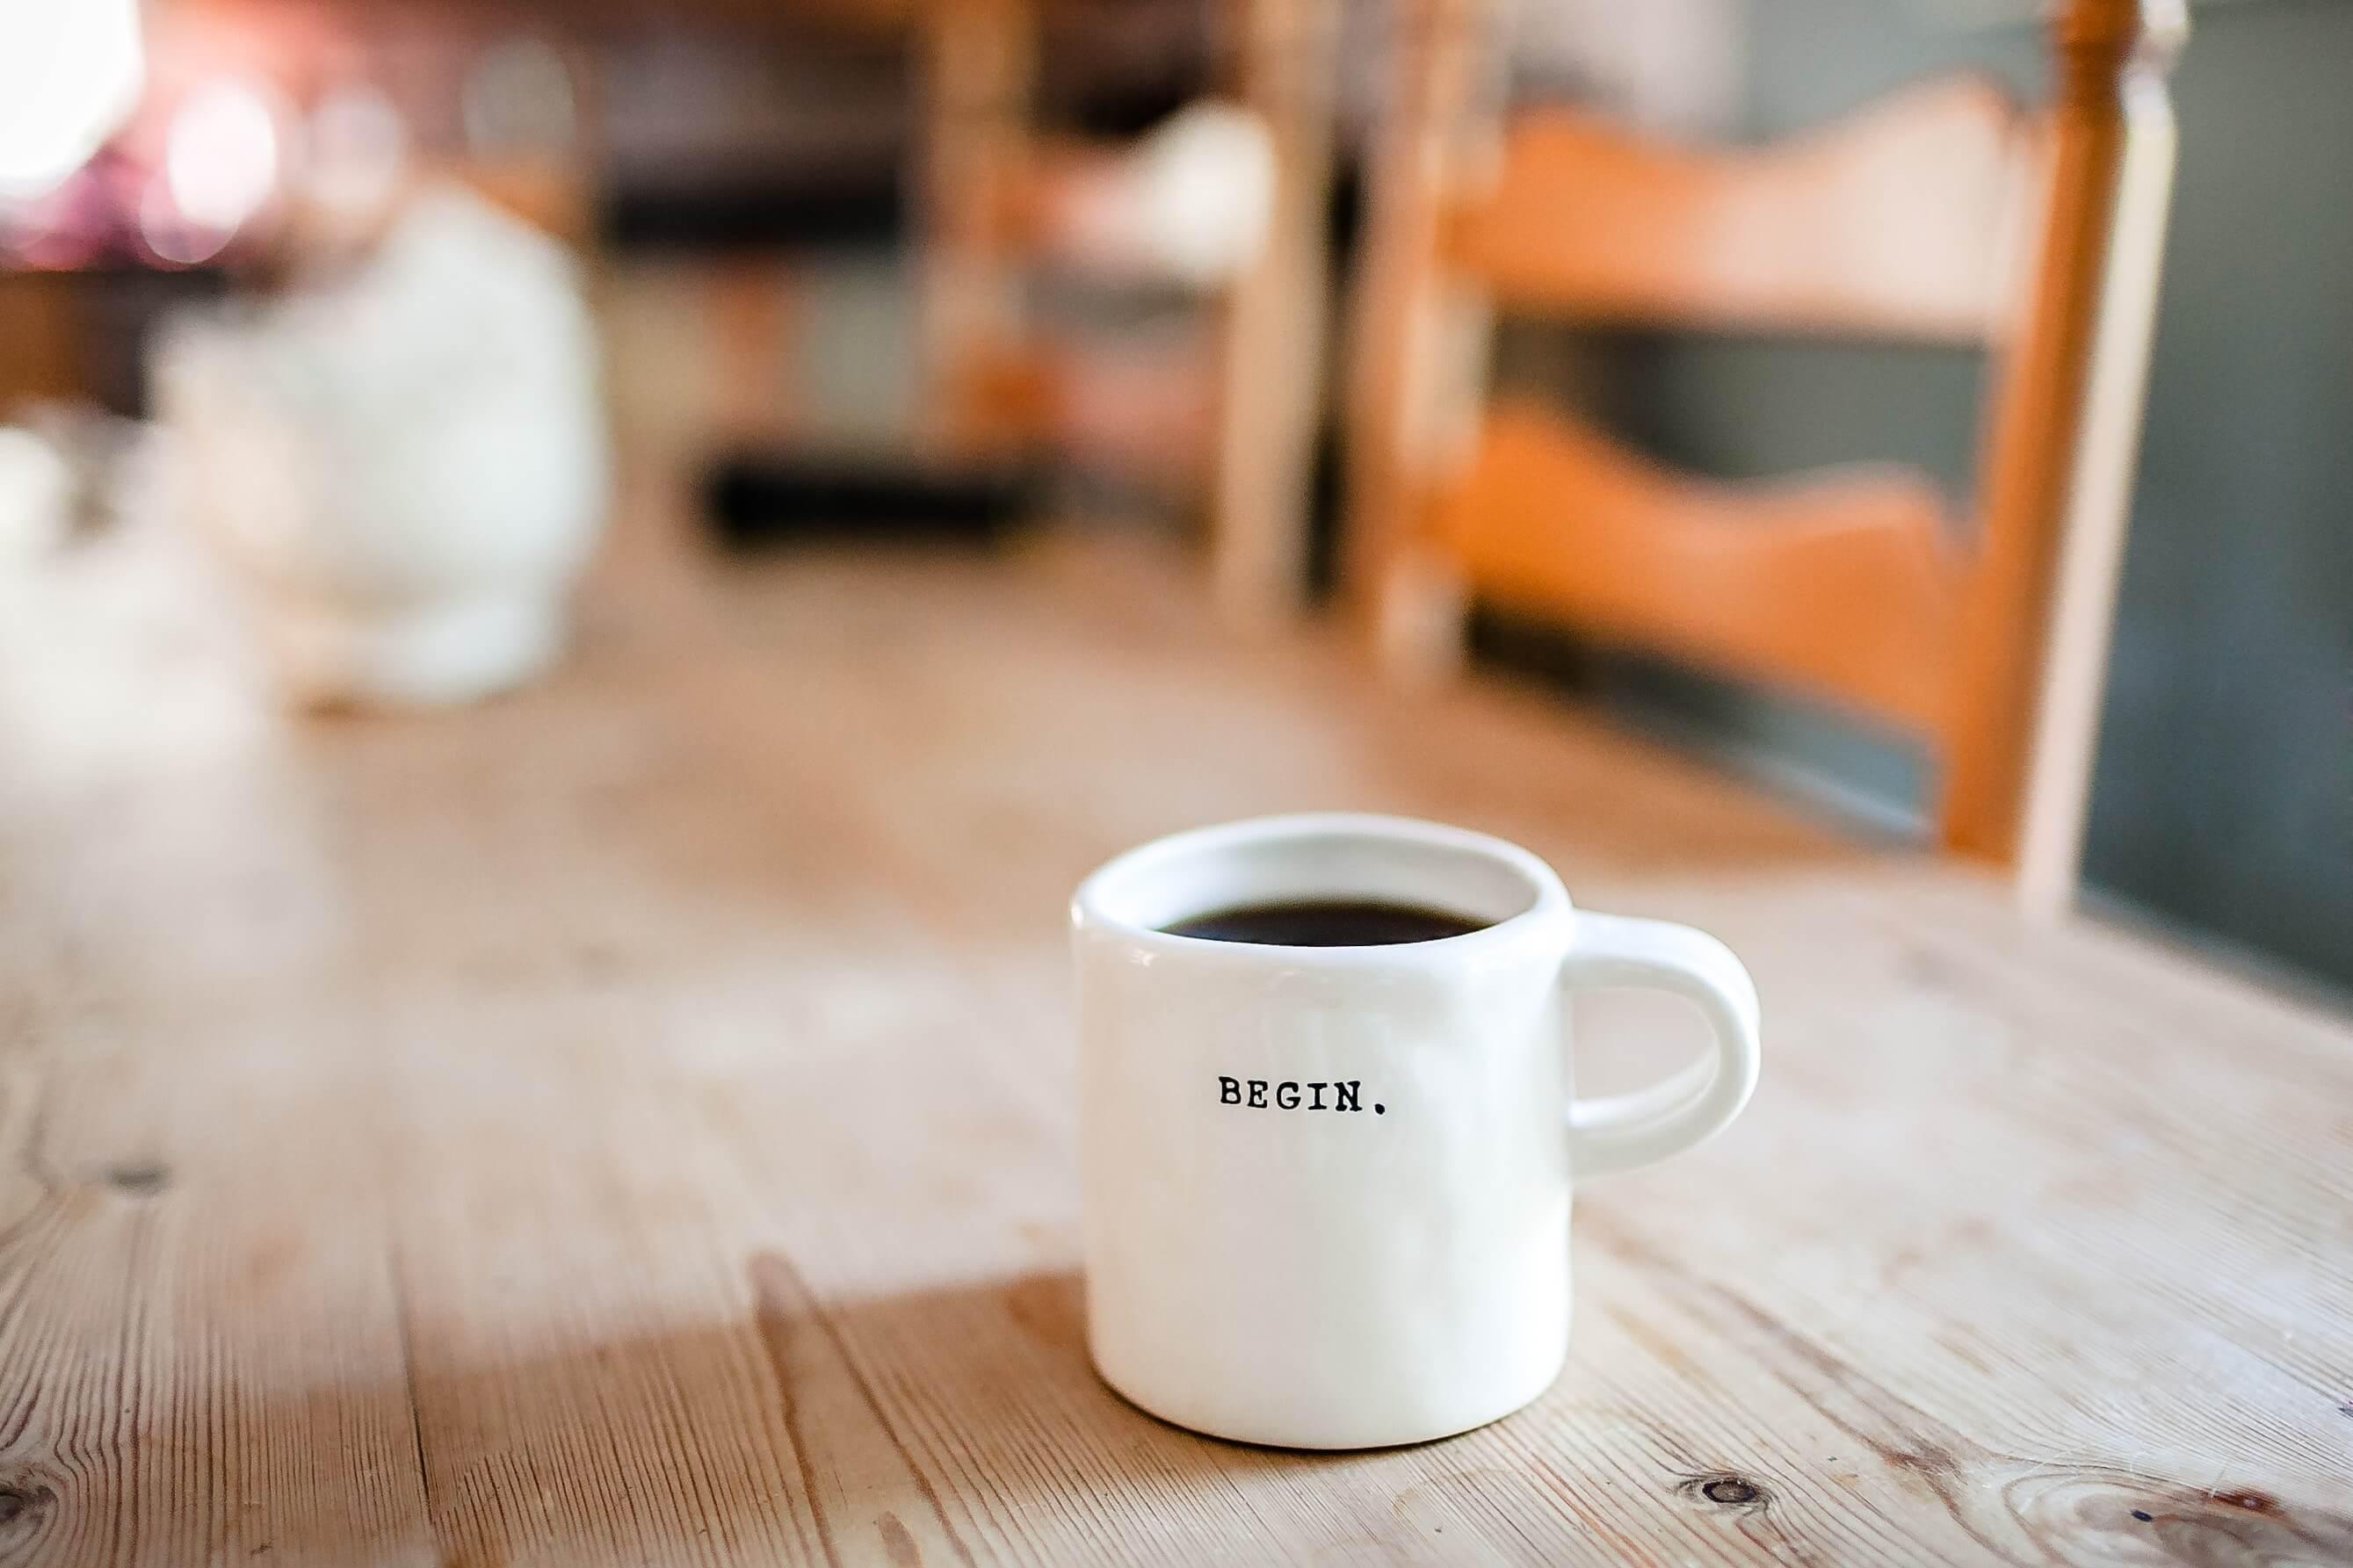 Warum solltest du bloggen? Begin!